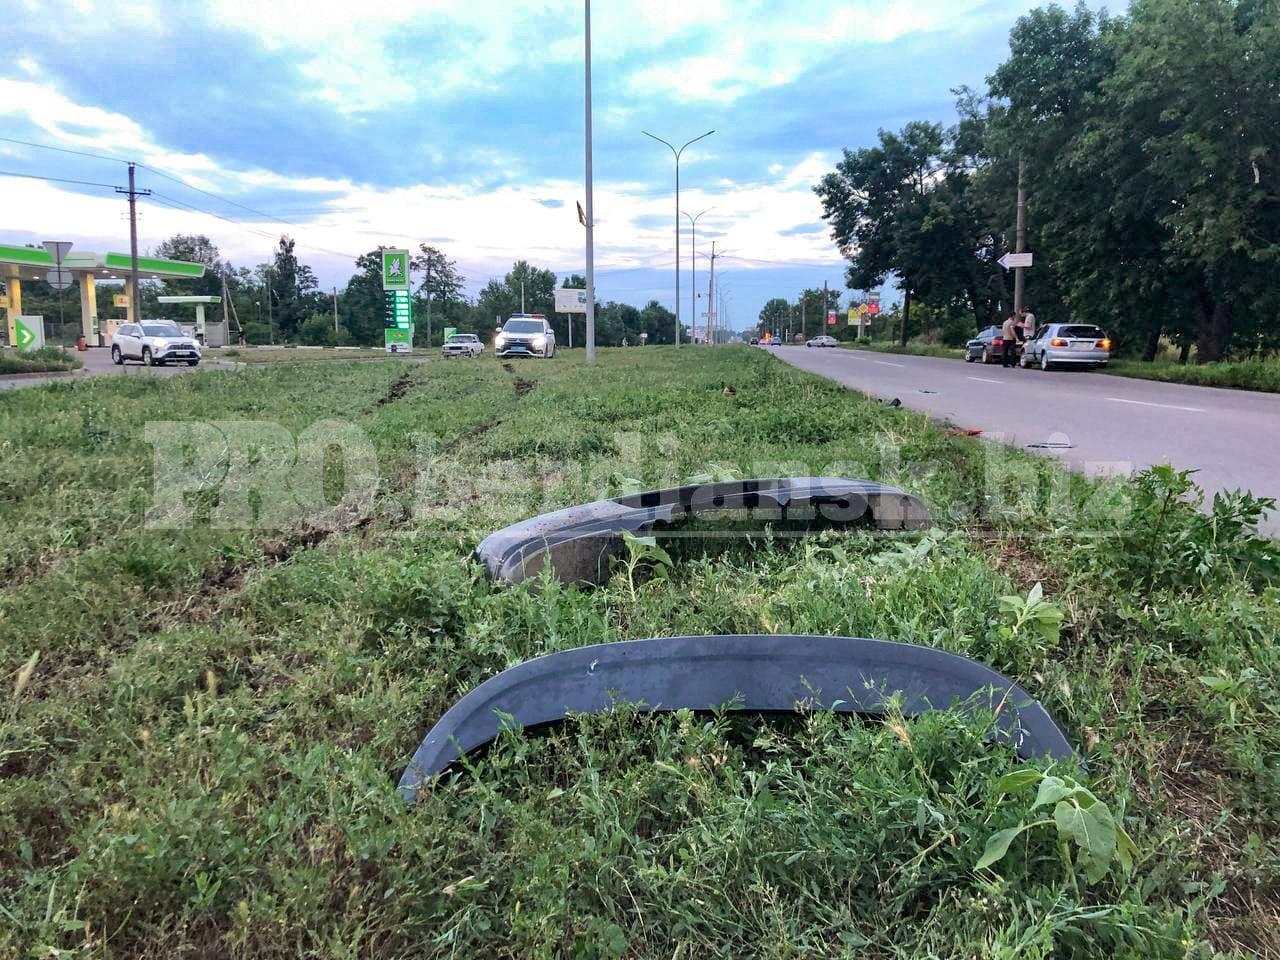 photo2021 07 0722 04 58 60e6b20371d00 - В Запорожской области перевернулась легковушка: водитель скрылся с места ДТП на разбитой машине